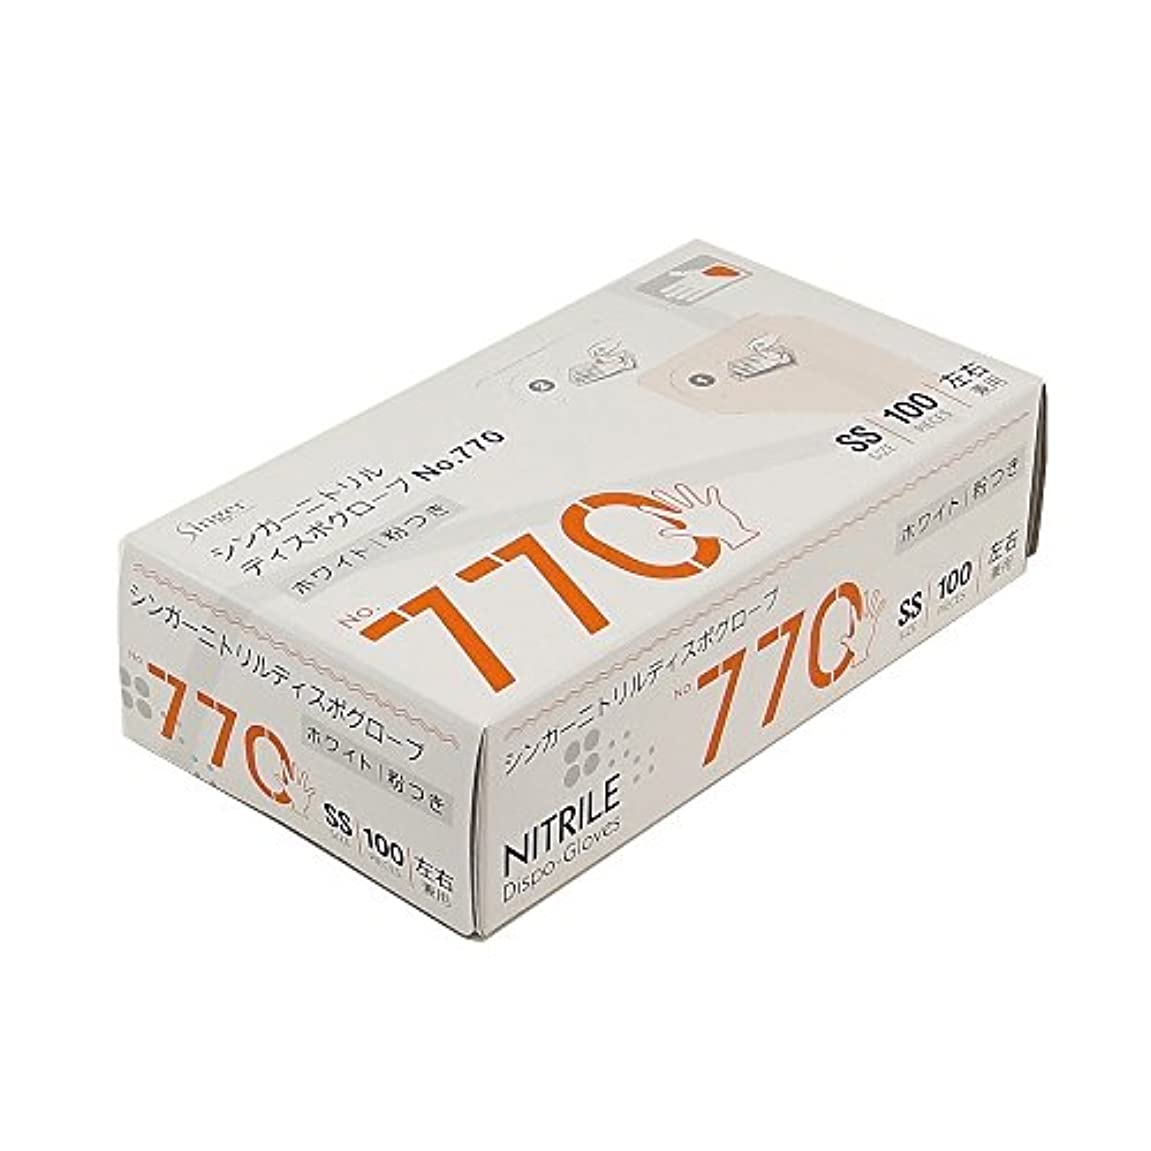 導入する額閉塞宇都宮製作 ディスポ手袋 シンガーニトリルディスポグローブ No.770 ホワイト 粉付 100枚入  SS